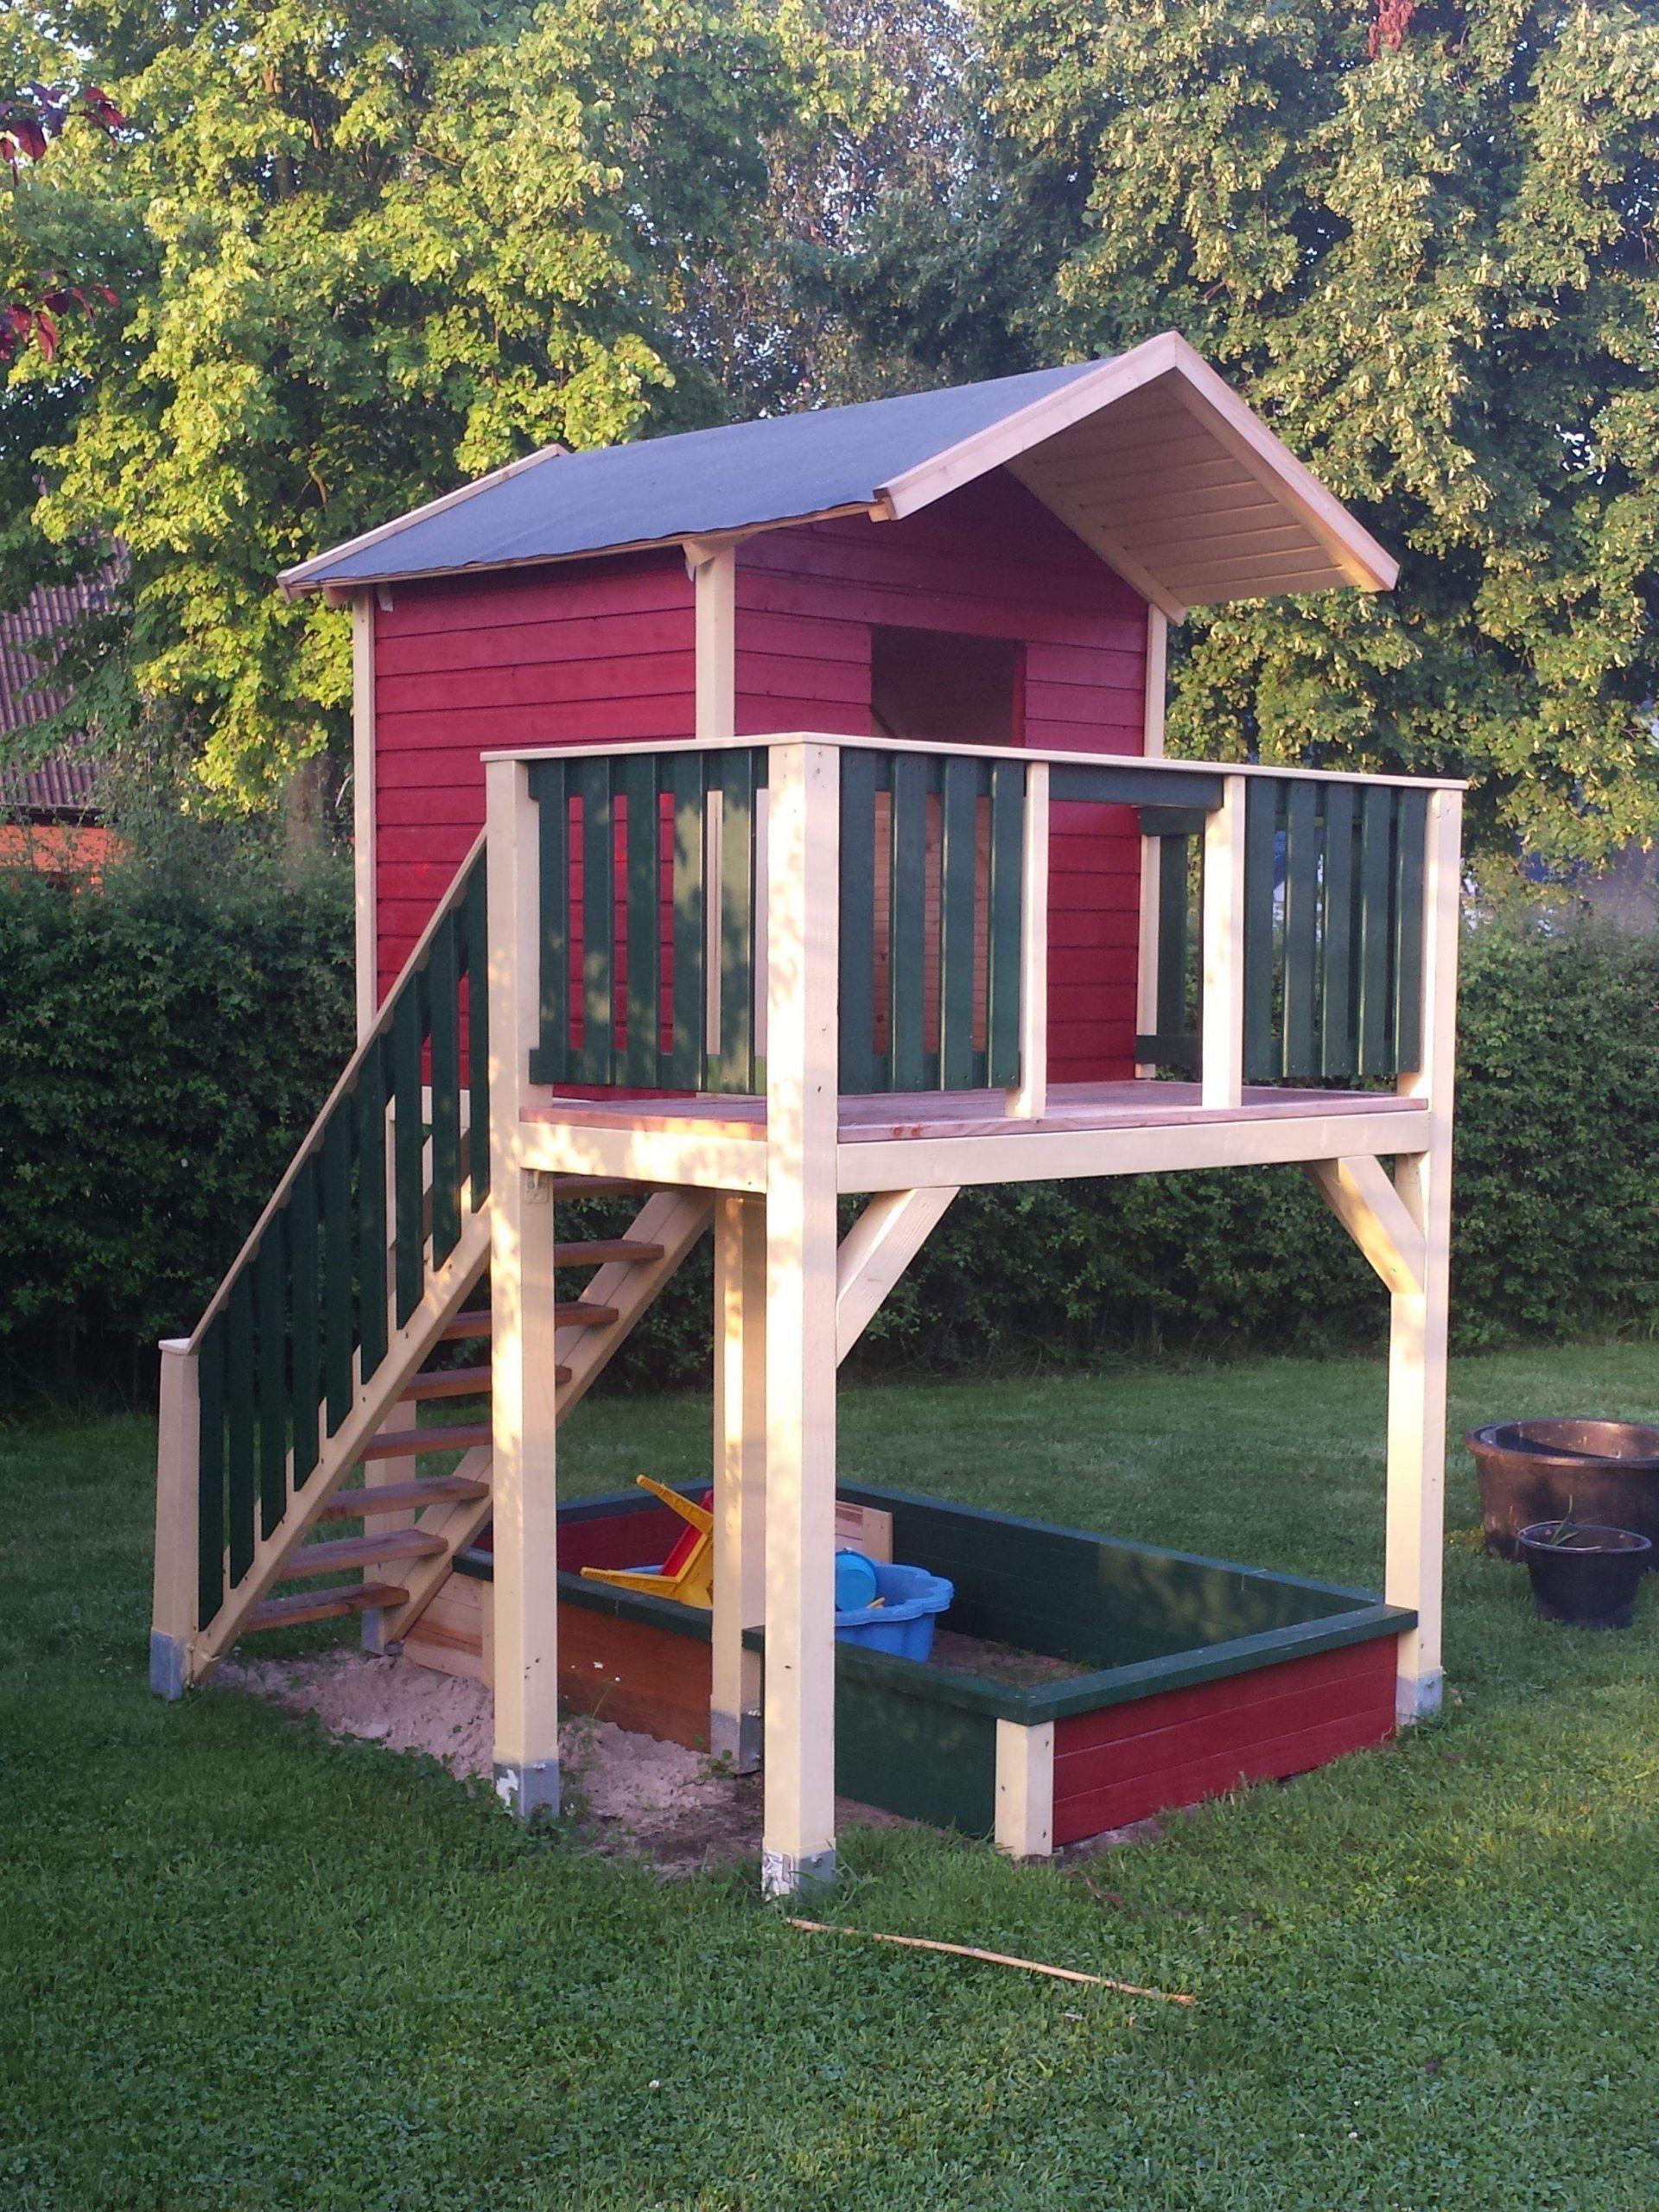 Garten Spielhaus Holz Reizend Spielturm Mit Treppe Bauanleitung Zum Selber Bauen